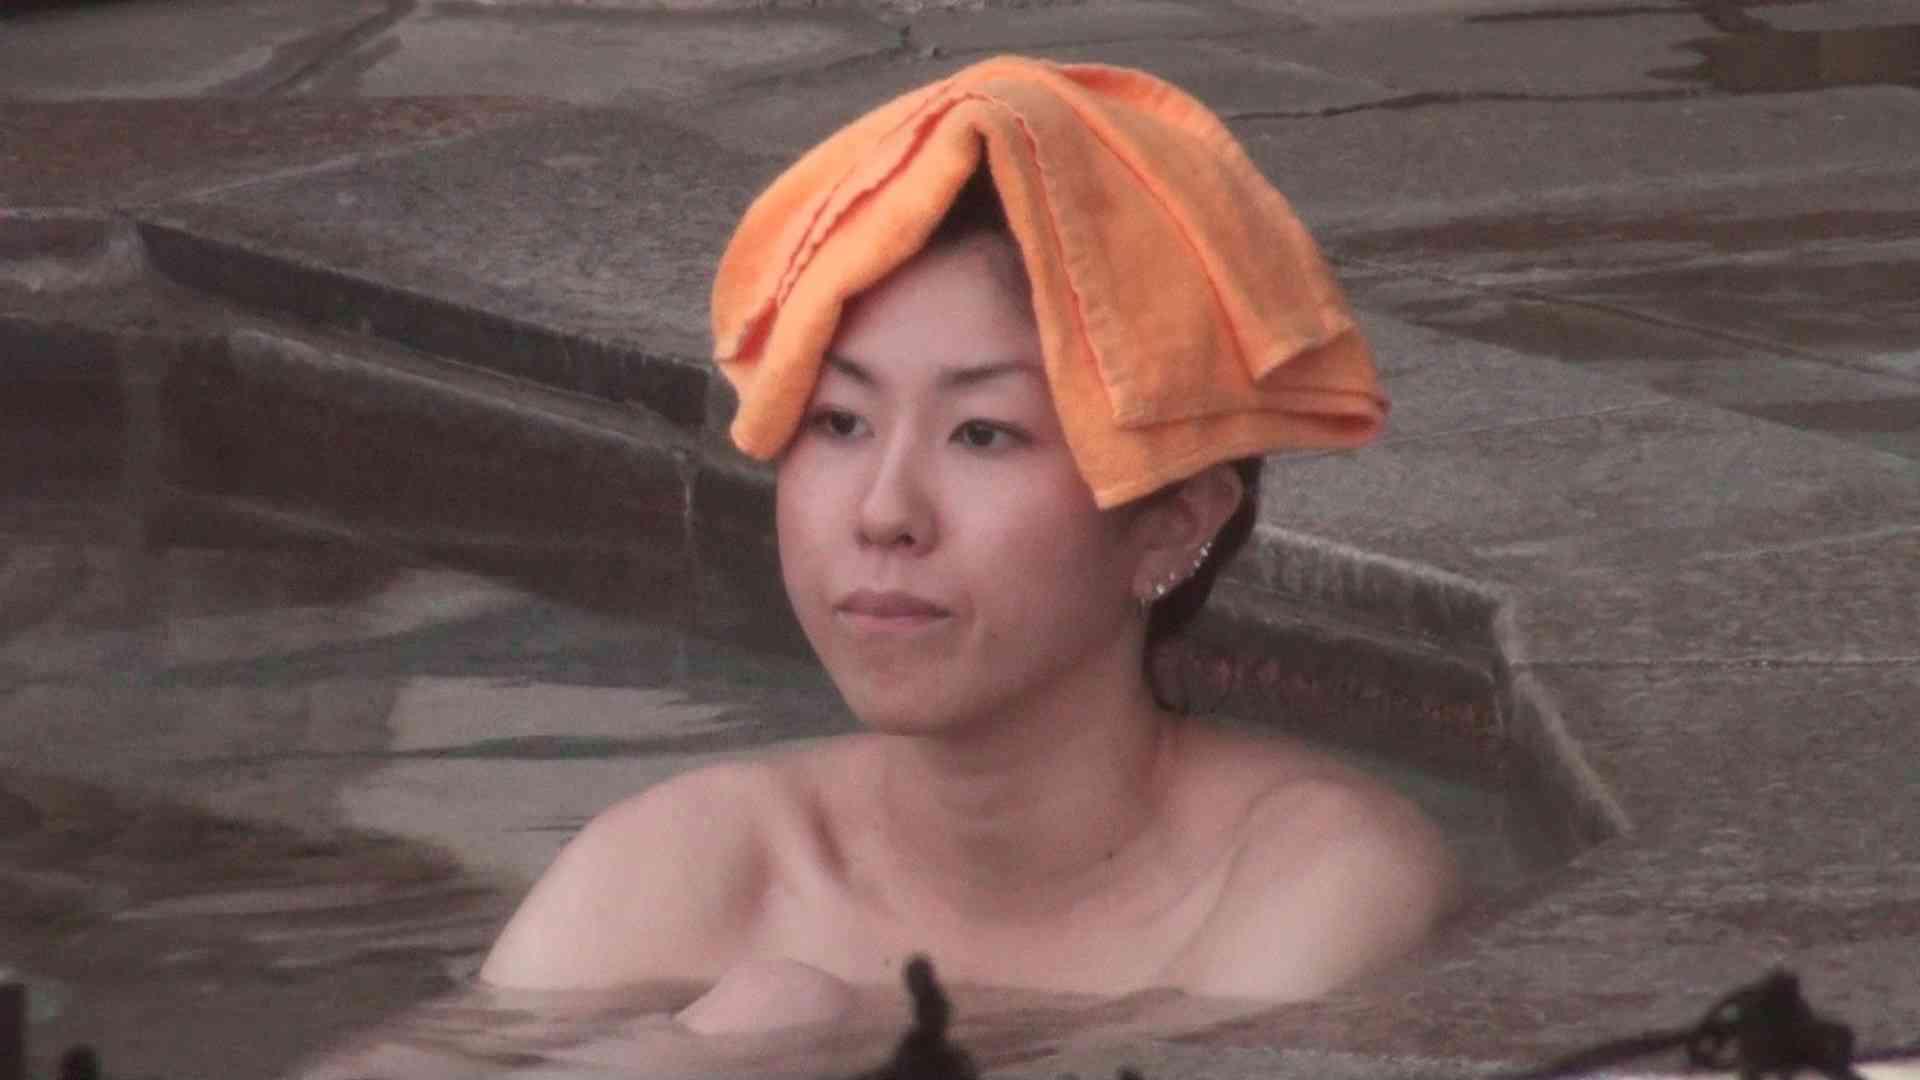 Aquaな露天風呂Vol.135 美しいOLの裸体 覗きおまんこ画像 105pic 92